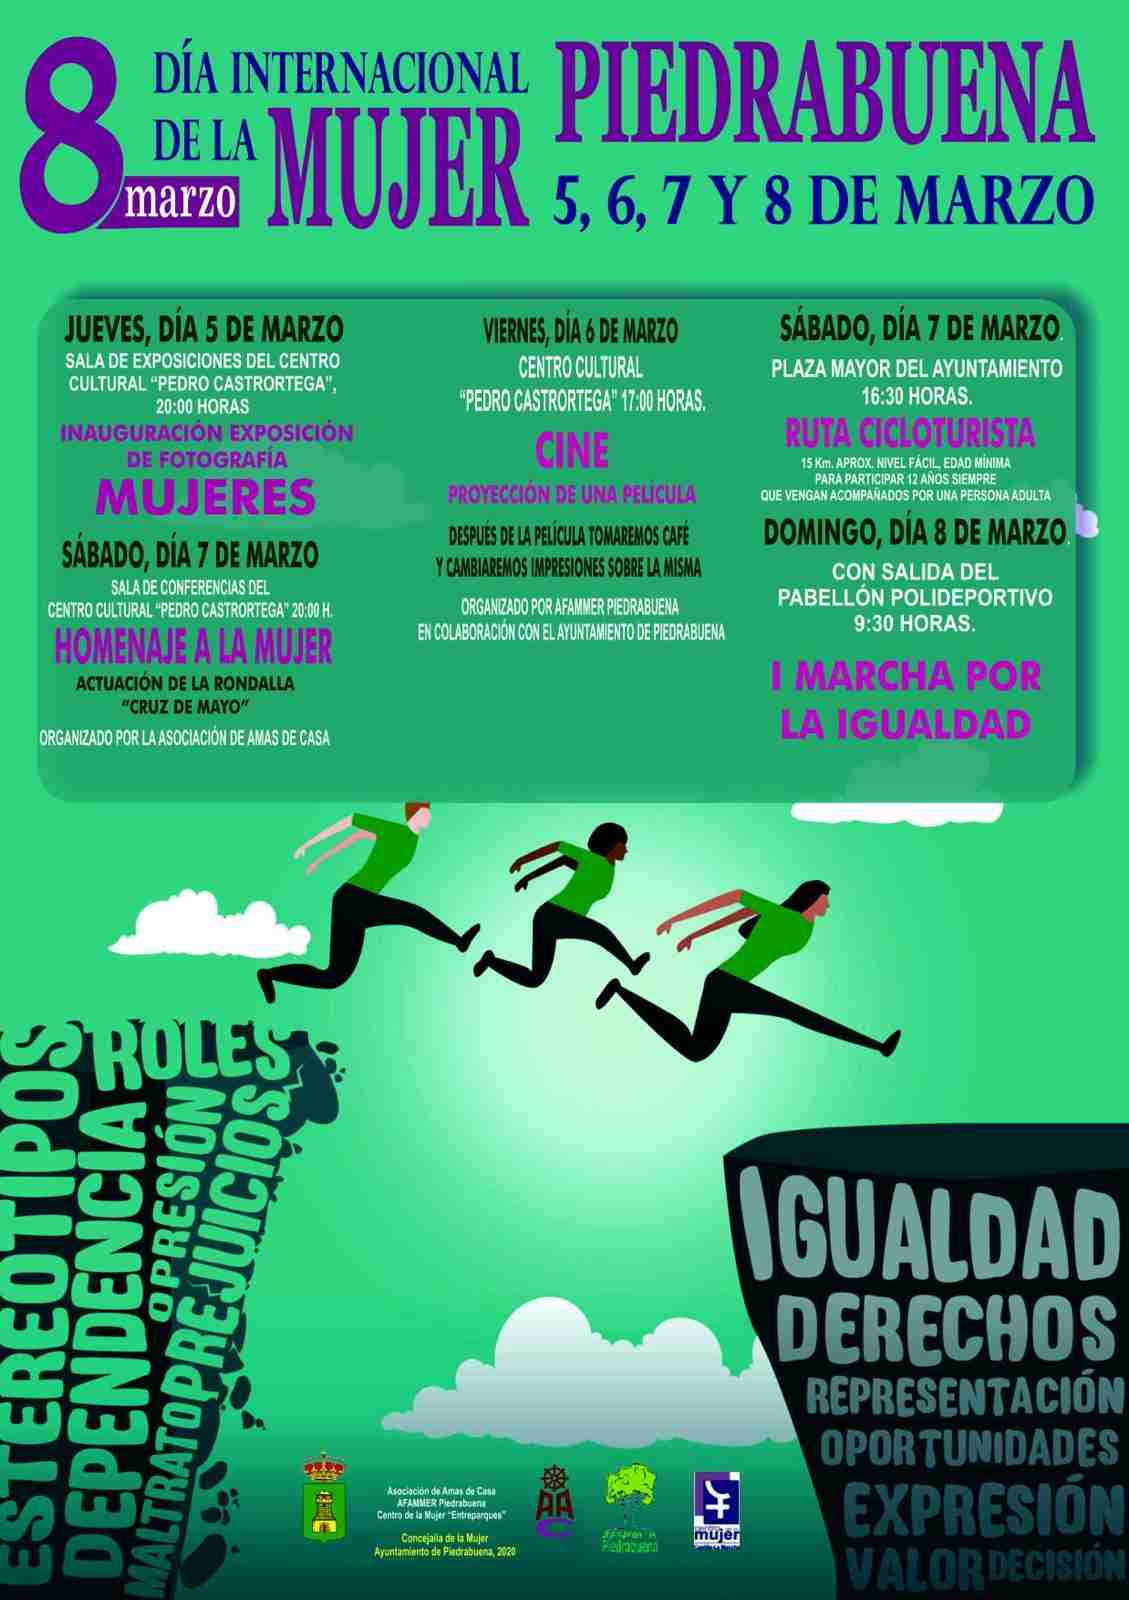 Piedrabuena organiza la 1ª Marcha por la Igualdad como epicentro de una variada programación por el 8 de marzo 8